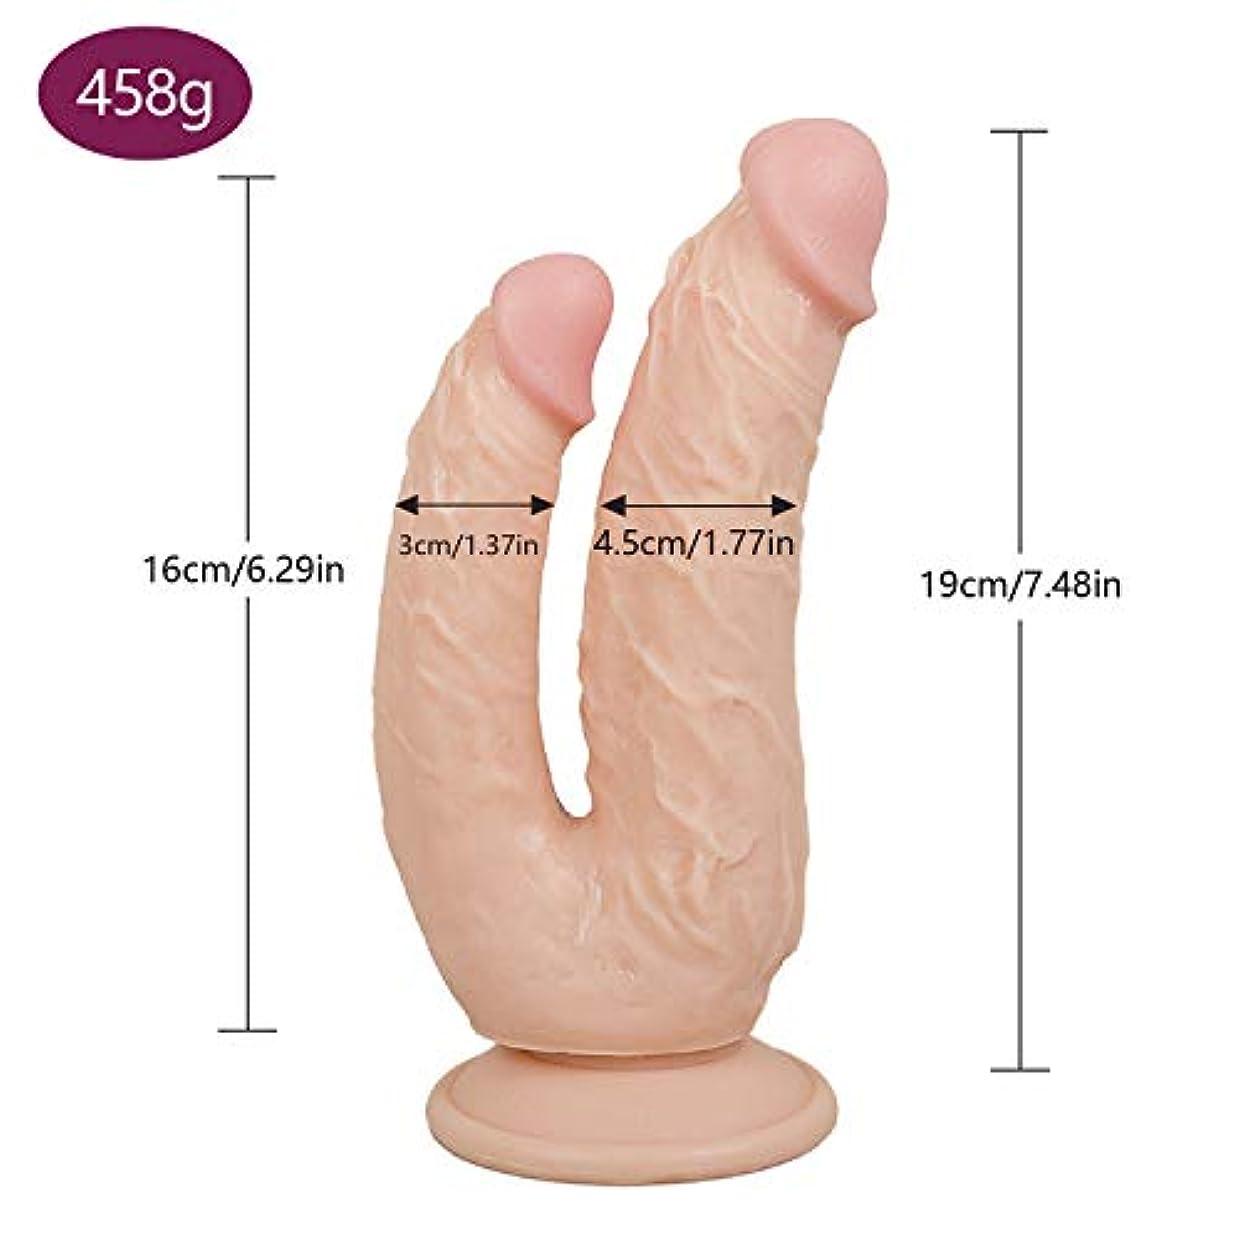 不誠実ダウン困難ペニス 8.46インチの個人的な両面の大きなおもちゃリアルフィールソフト柔軟なダブルヘッドマッサージ マッサージャー